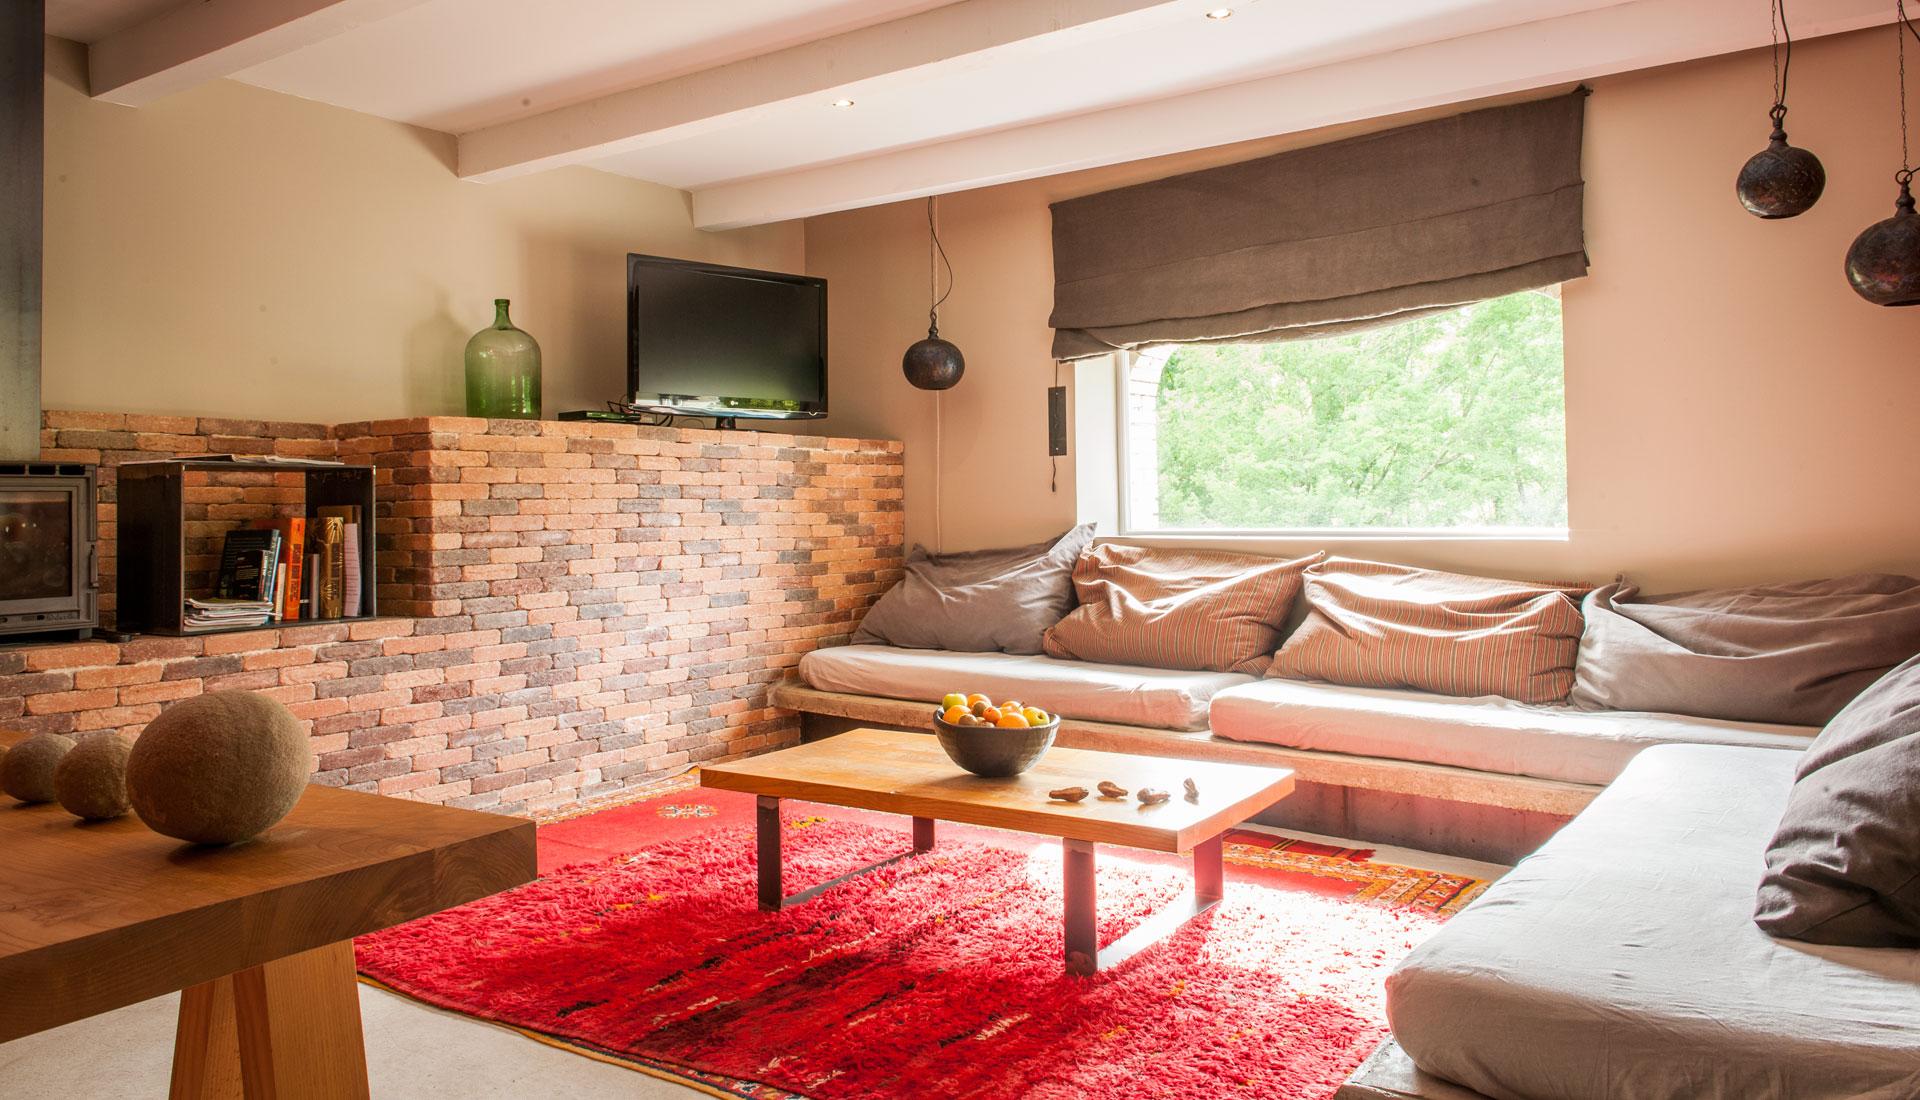 Chambres d\'hôtes en Drôme provençale. Location saisonnière.